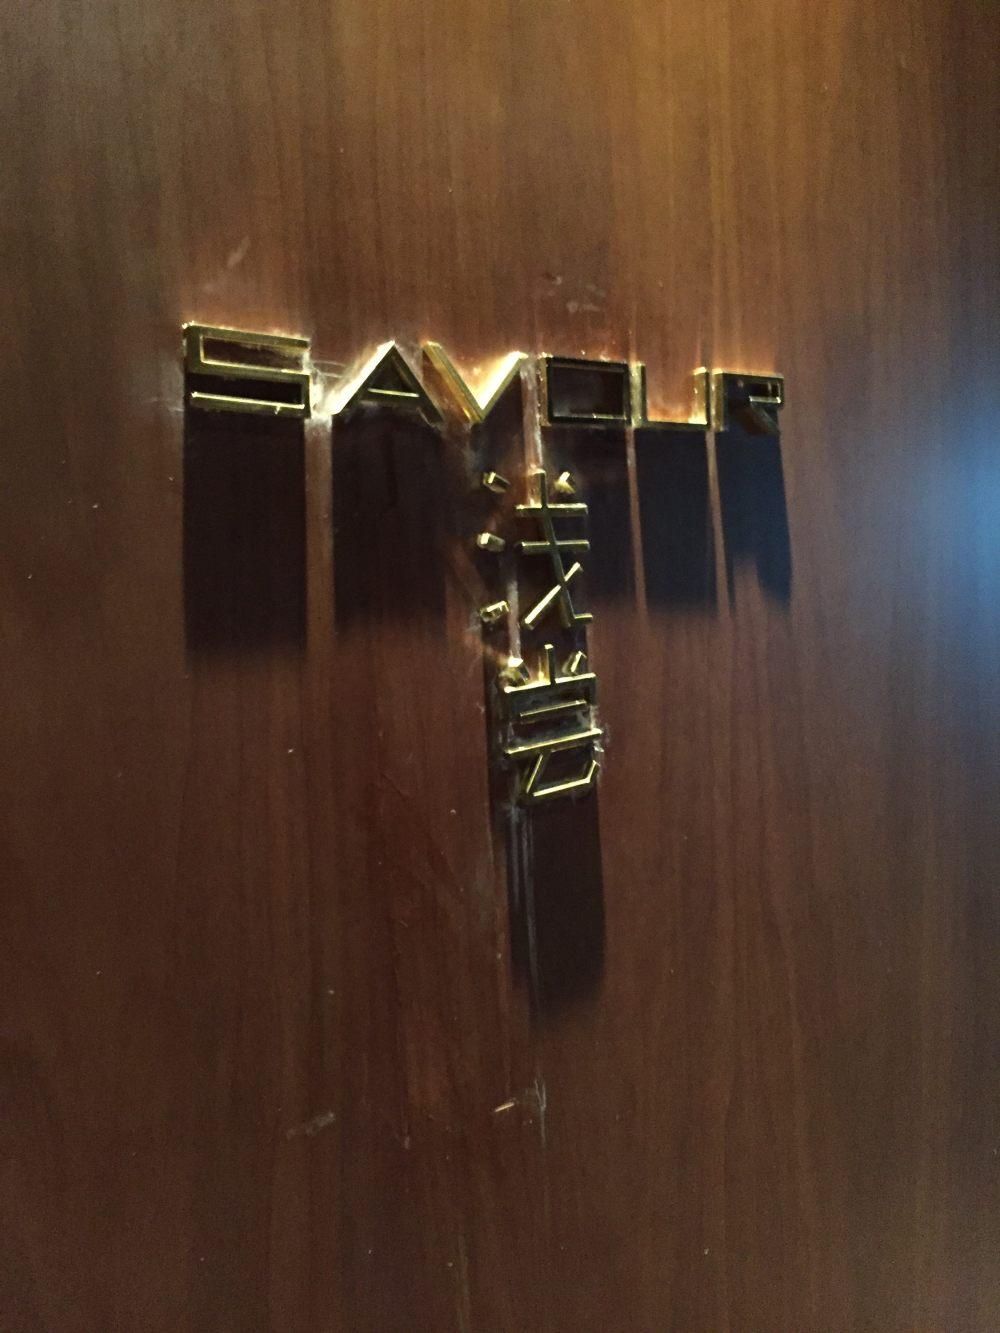 上海外滩W酒店,史上最全入住体验 自拍分享,申请置...._IMG_6296.JPG